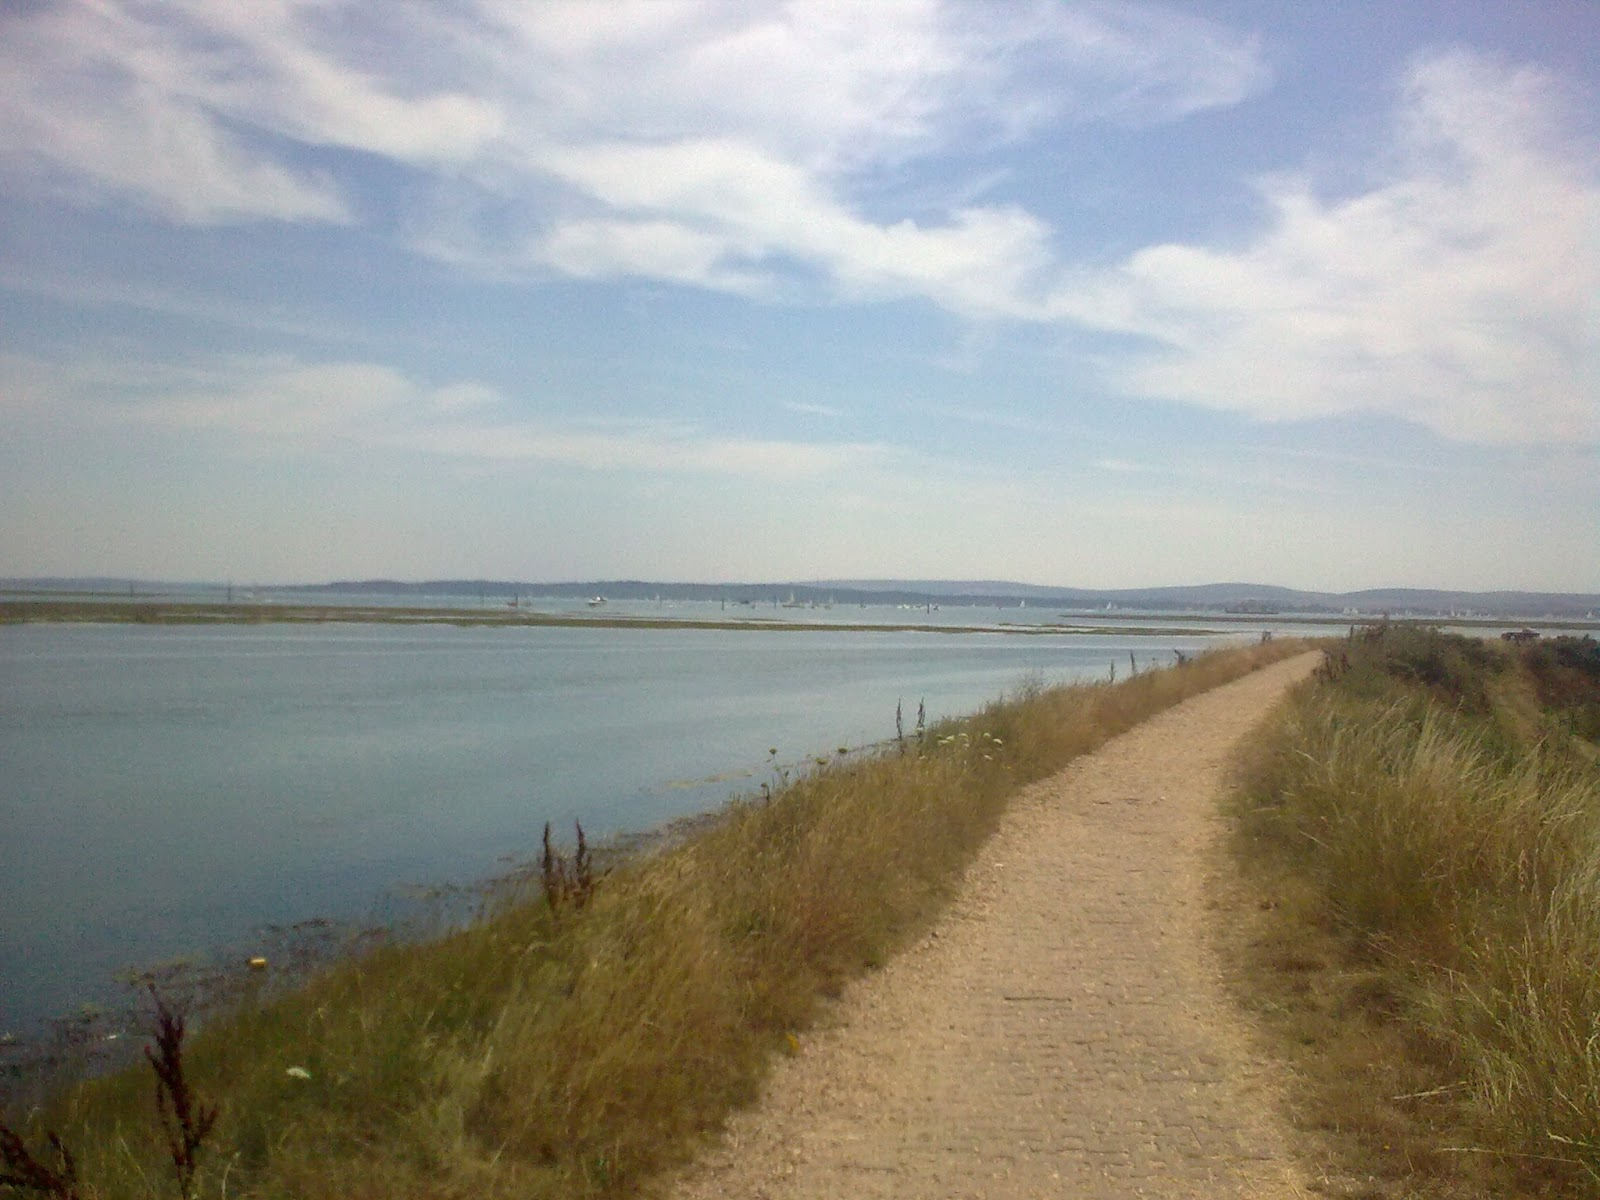 Image0310 Coast path past salt marshes